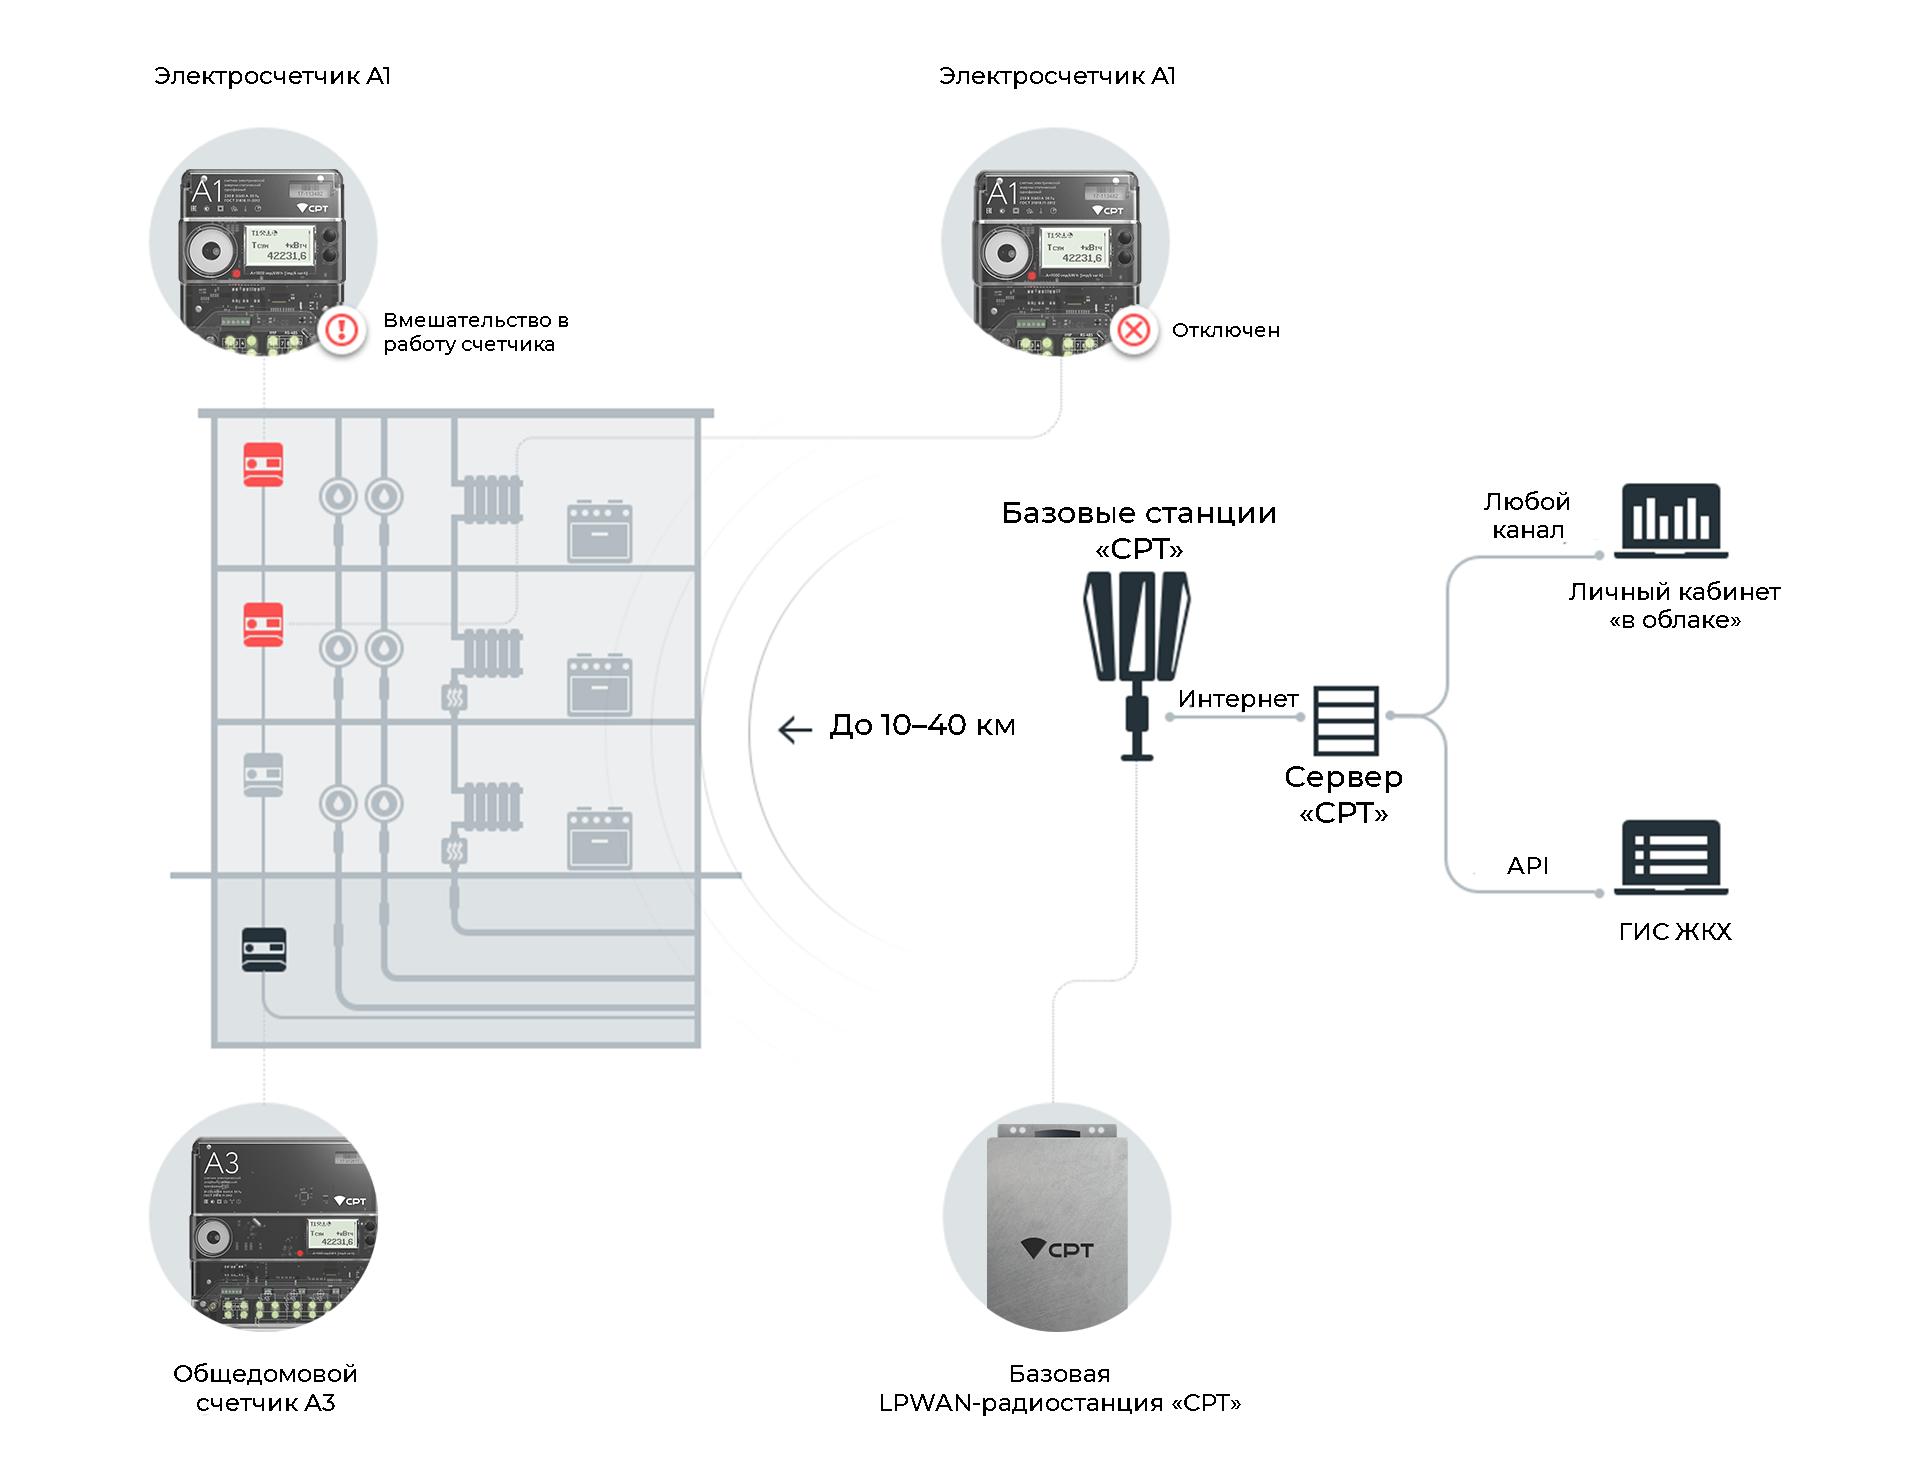 Автоматизированная система коммерческого учета электроэнергии «СРТ»: как это работает